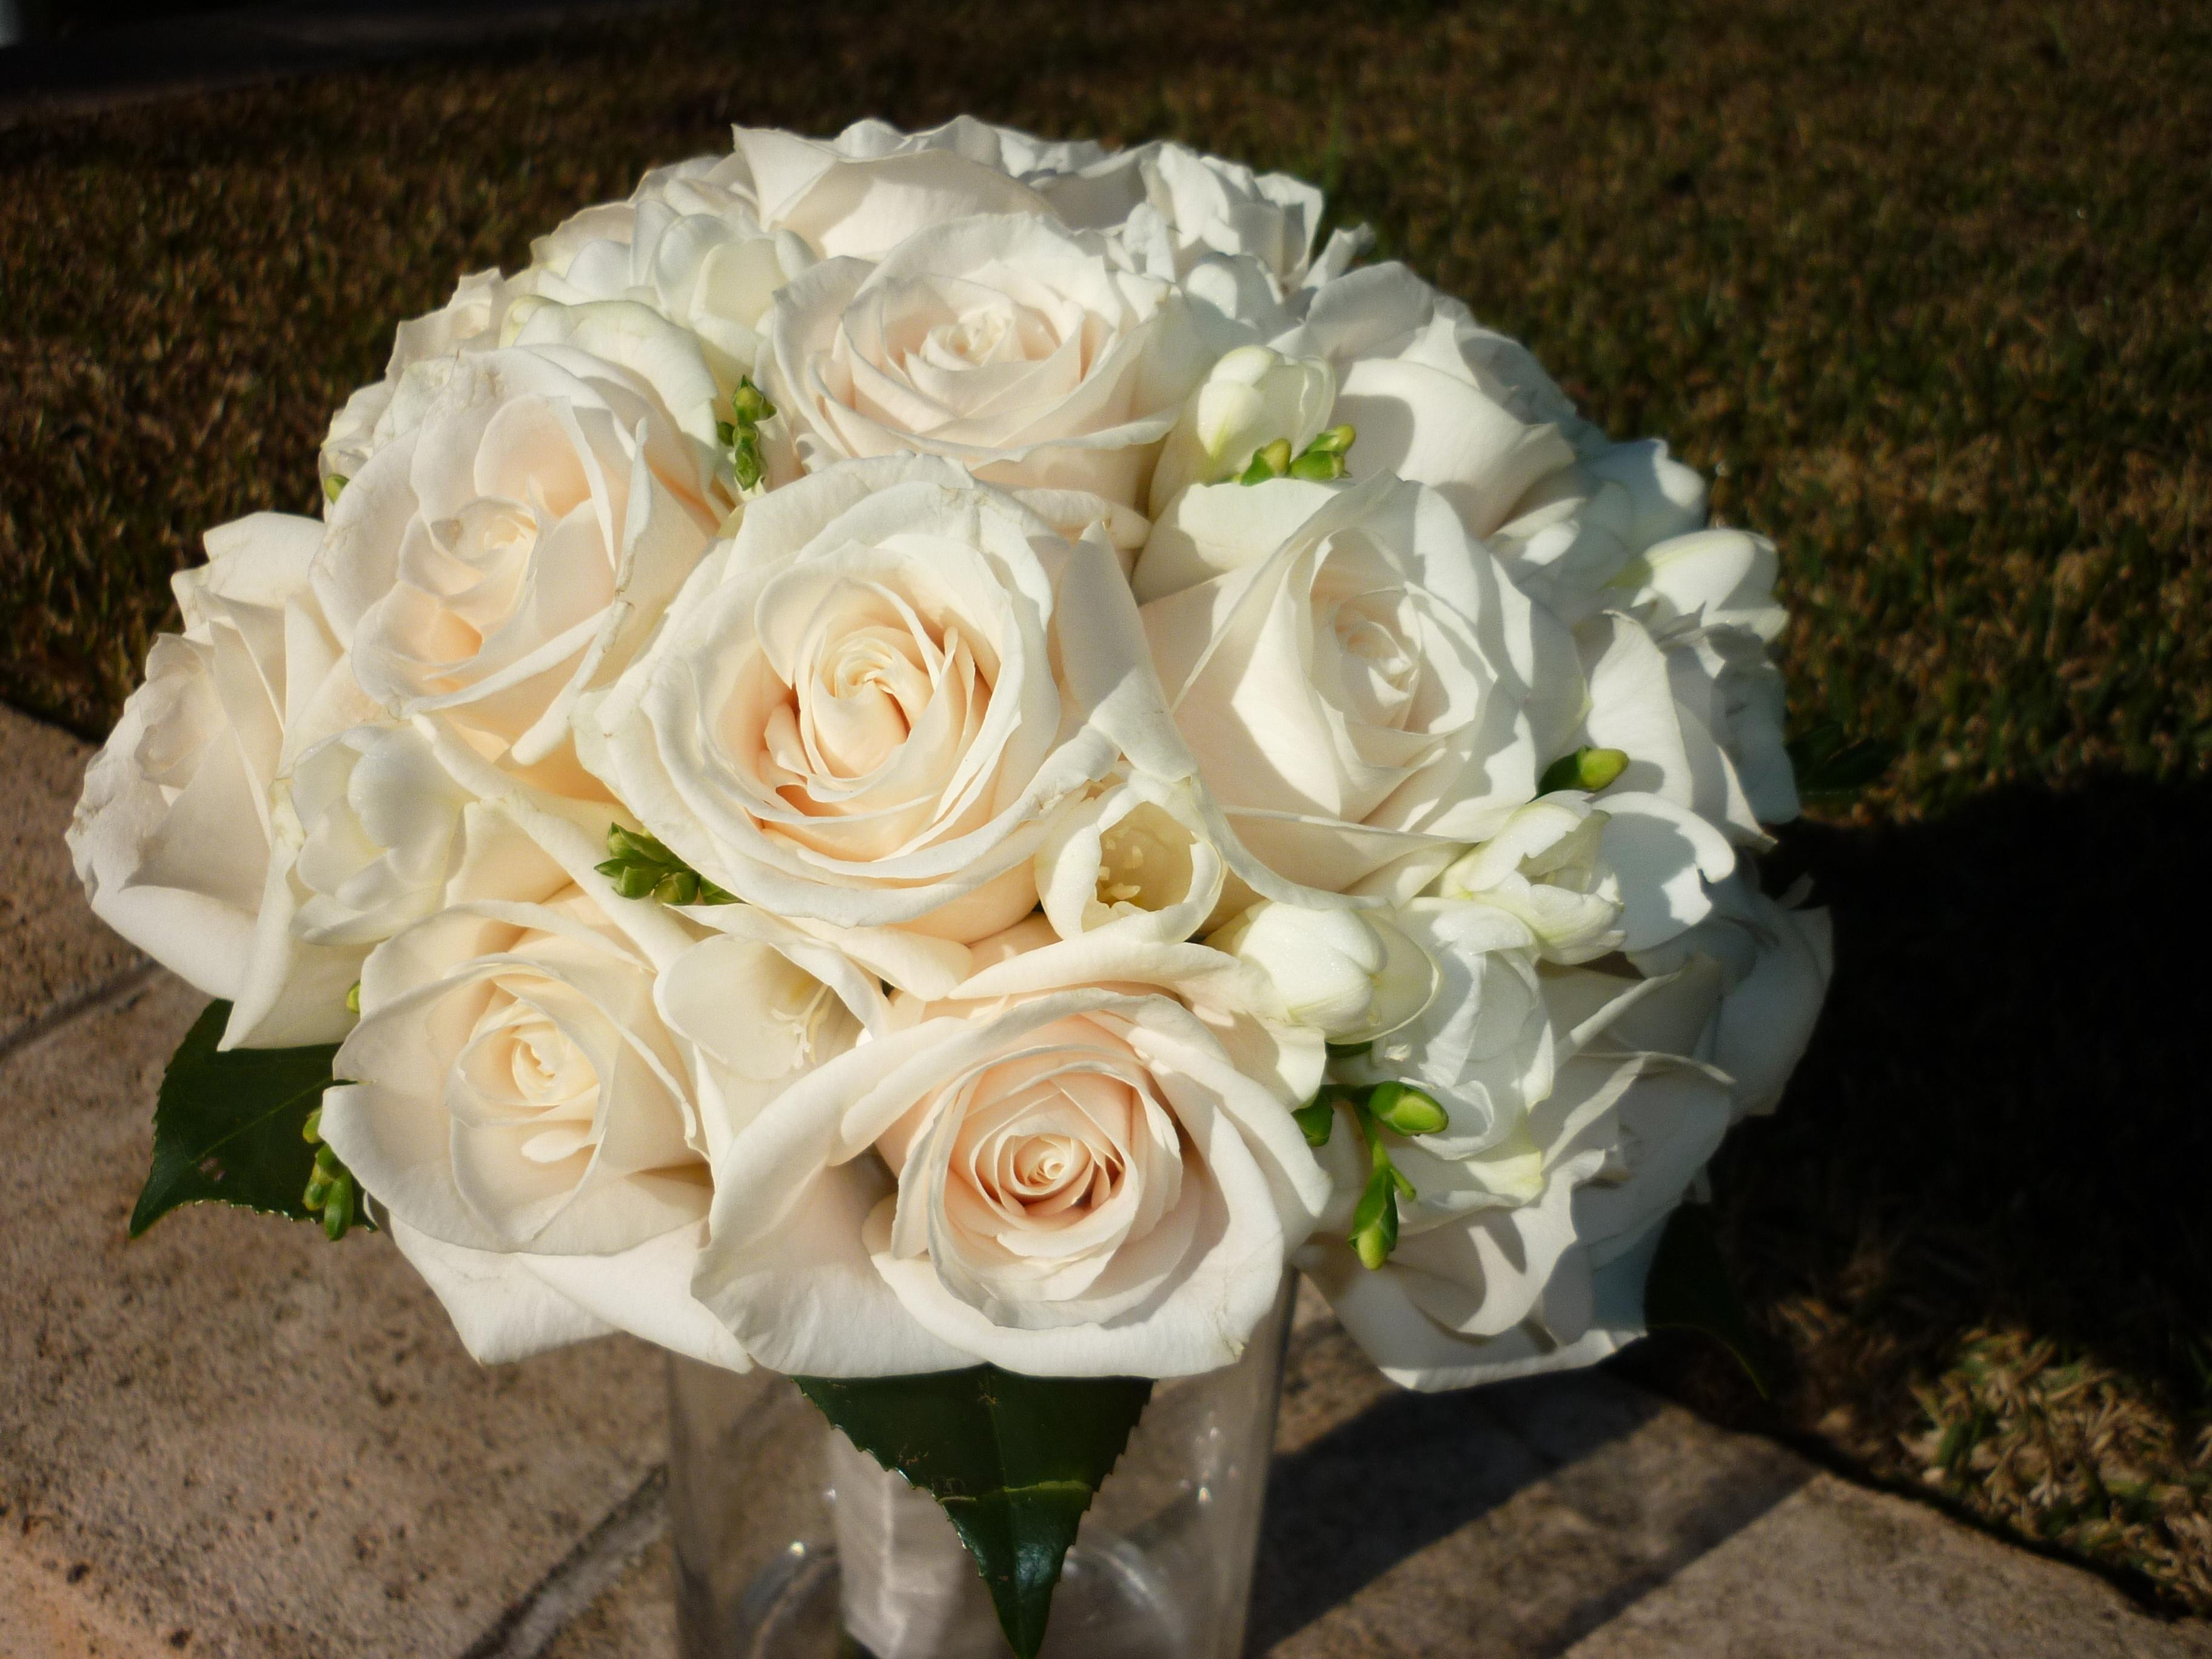 Cream roses with white fresia